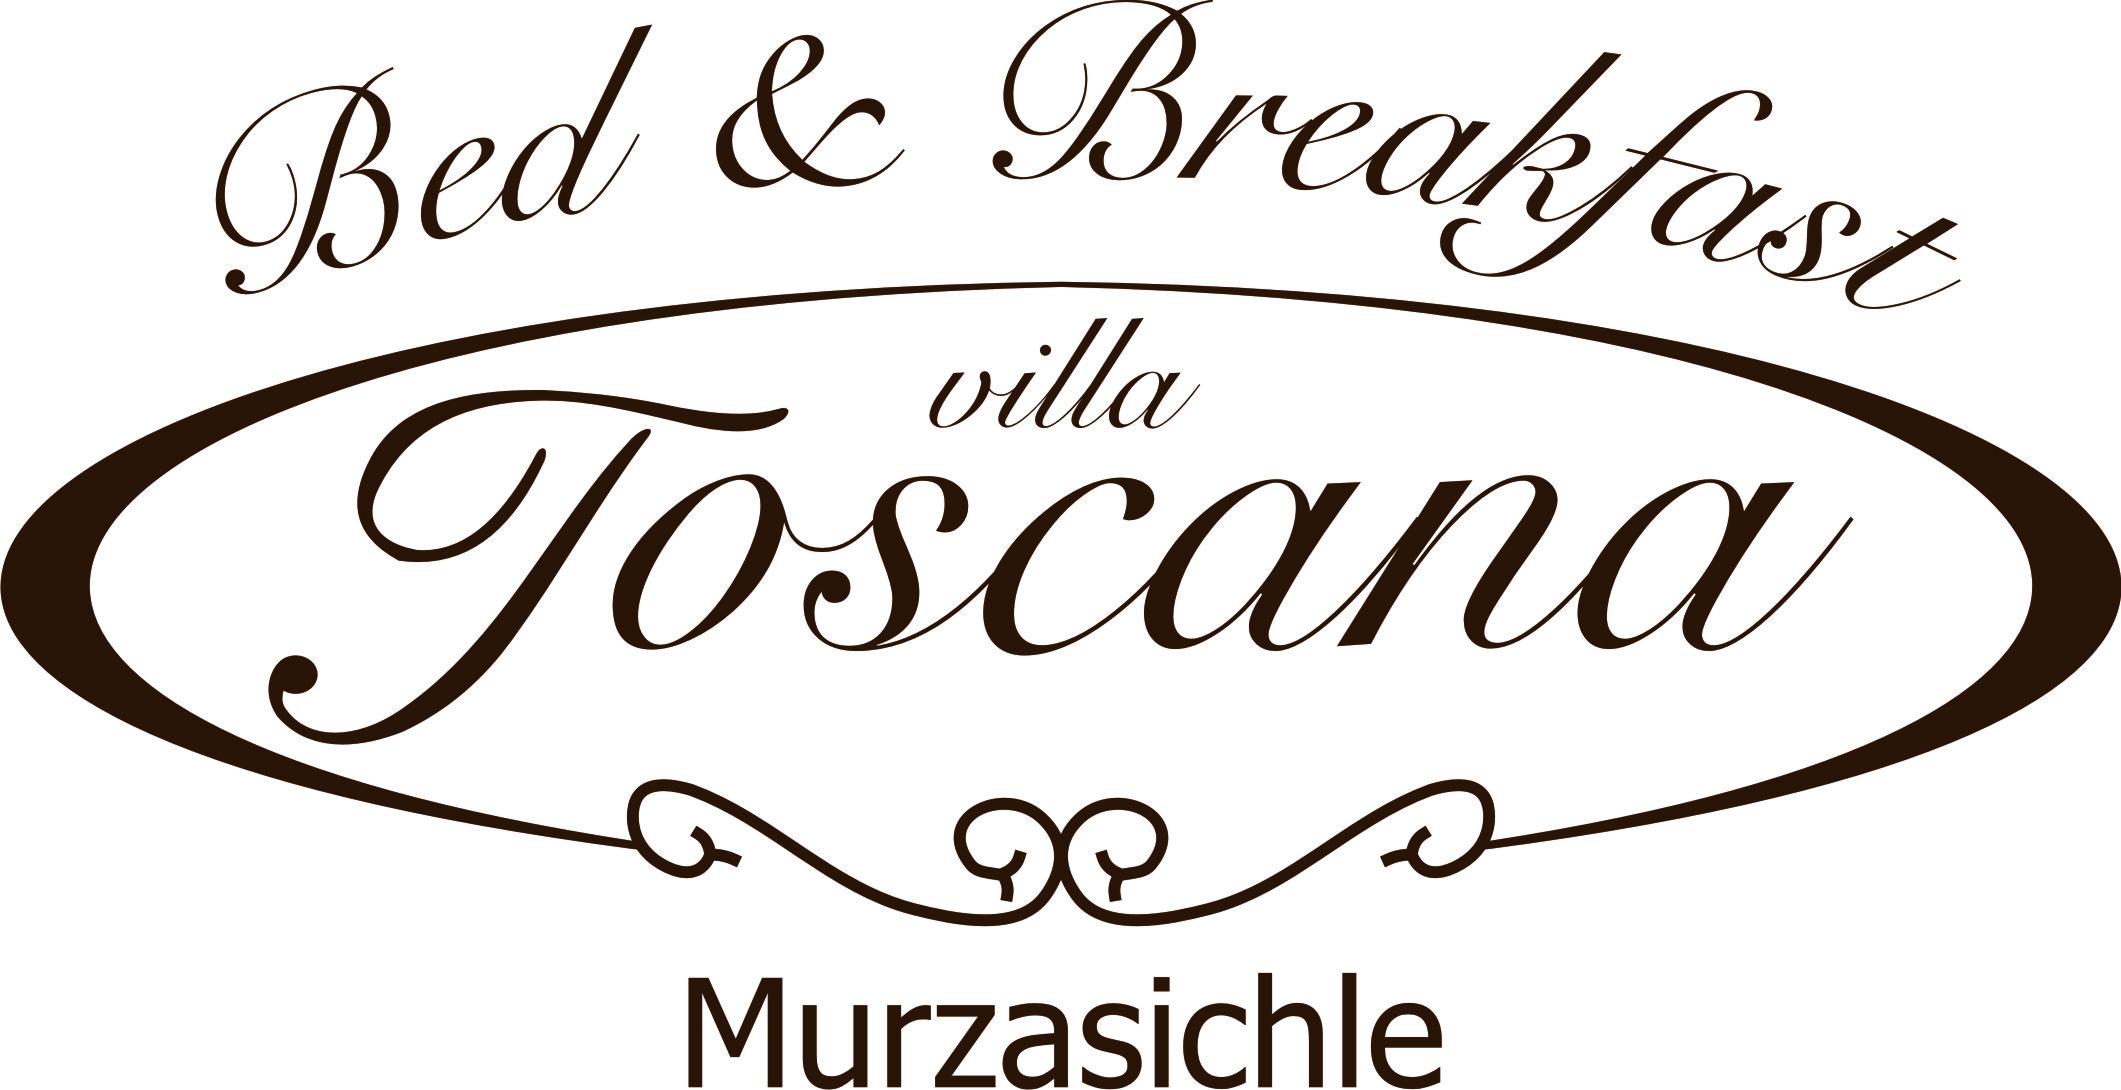 Villla_logo2.jpg